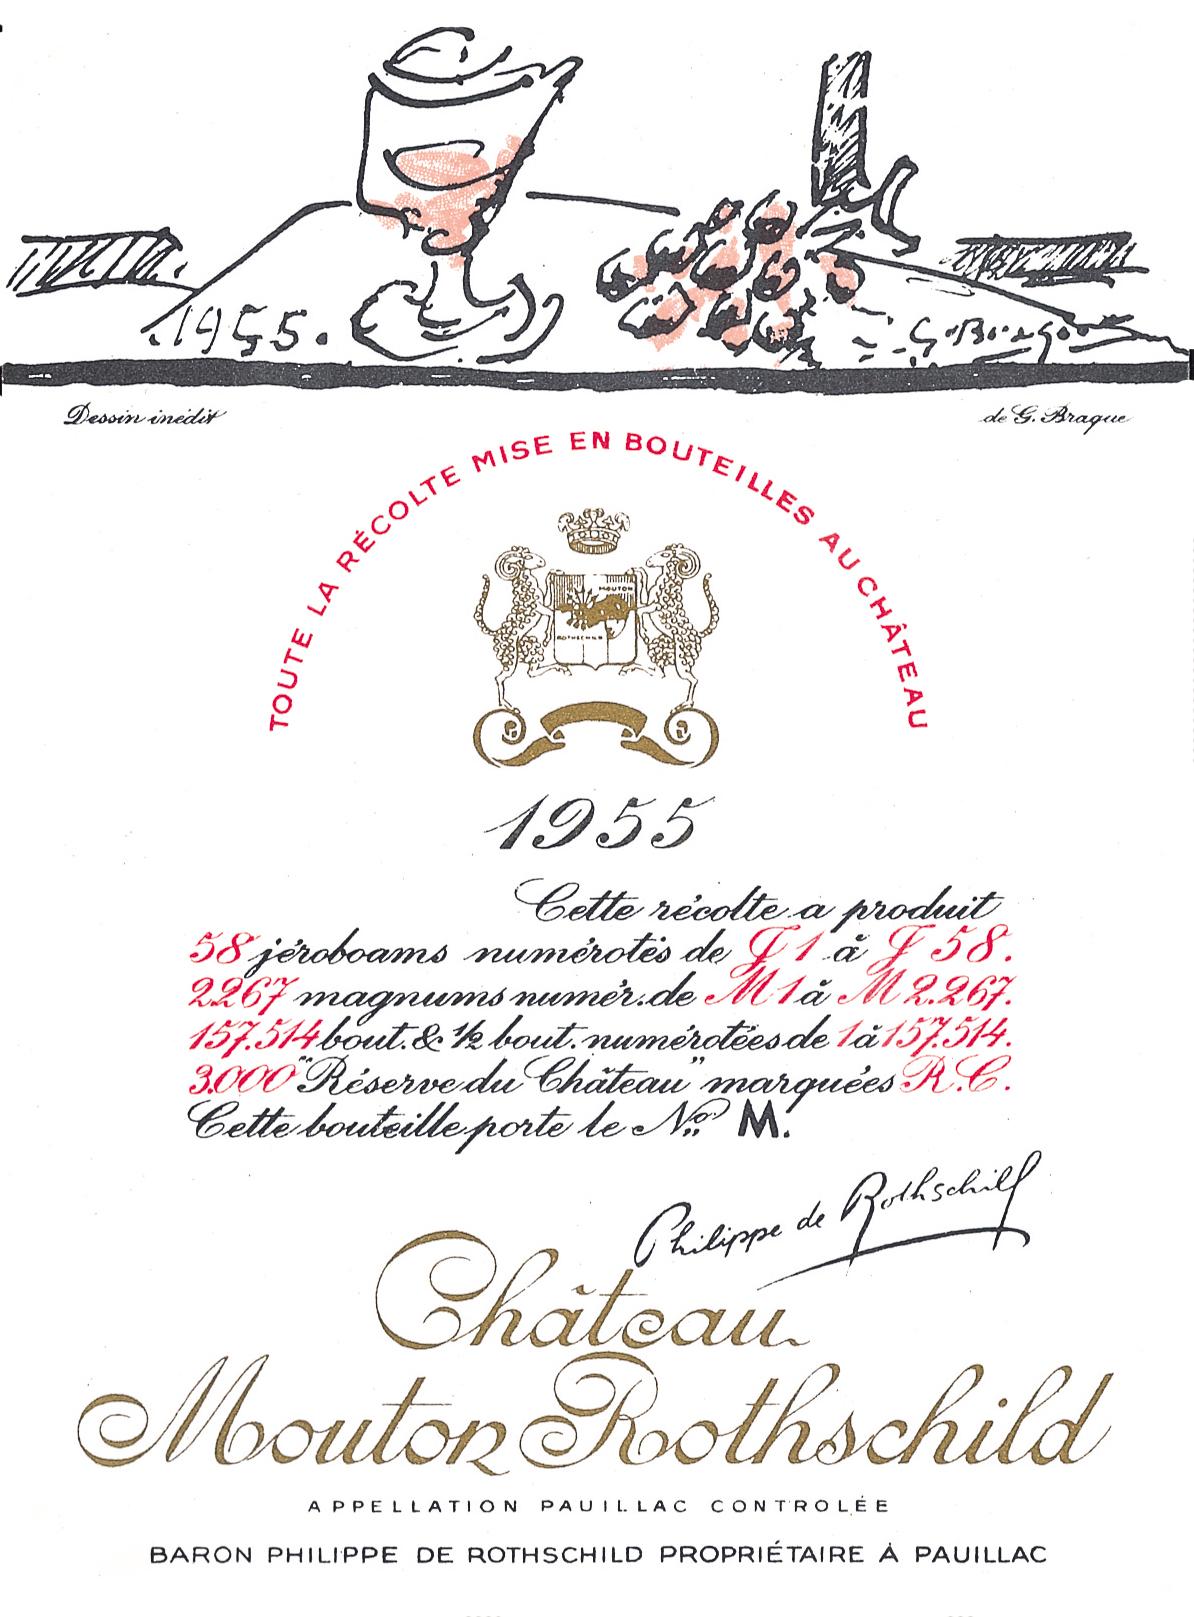 Etiquette Mouton Rothschild 1955